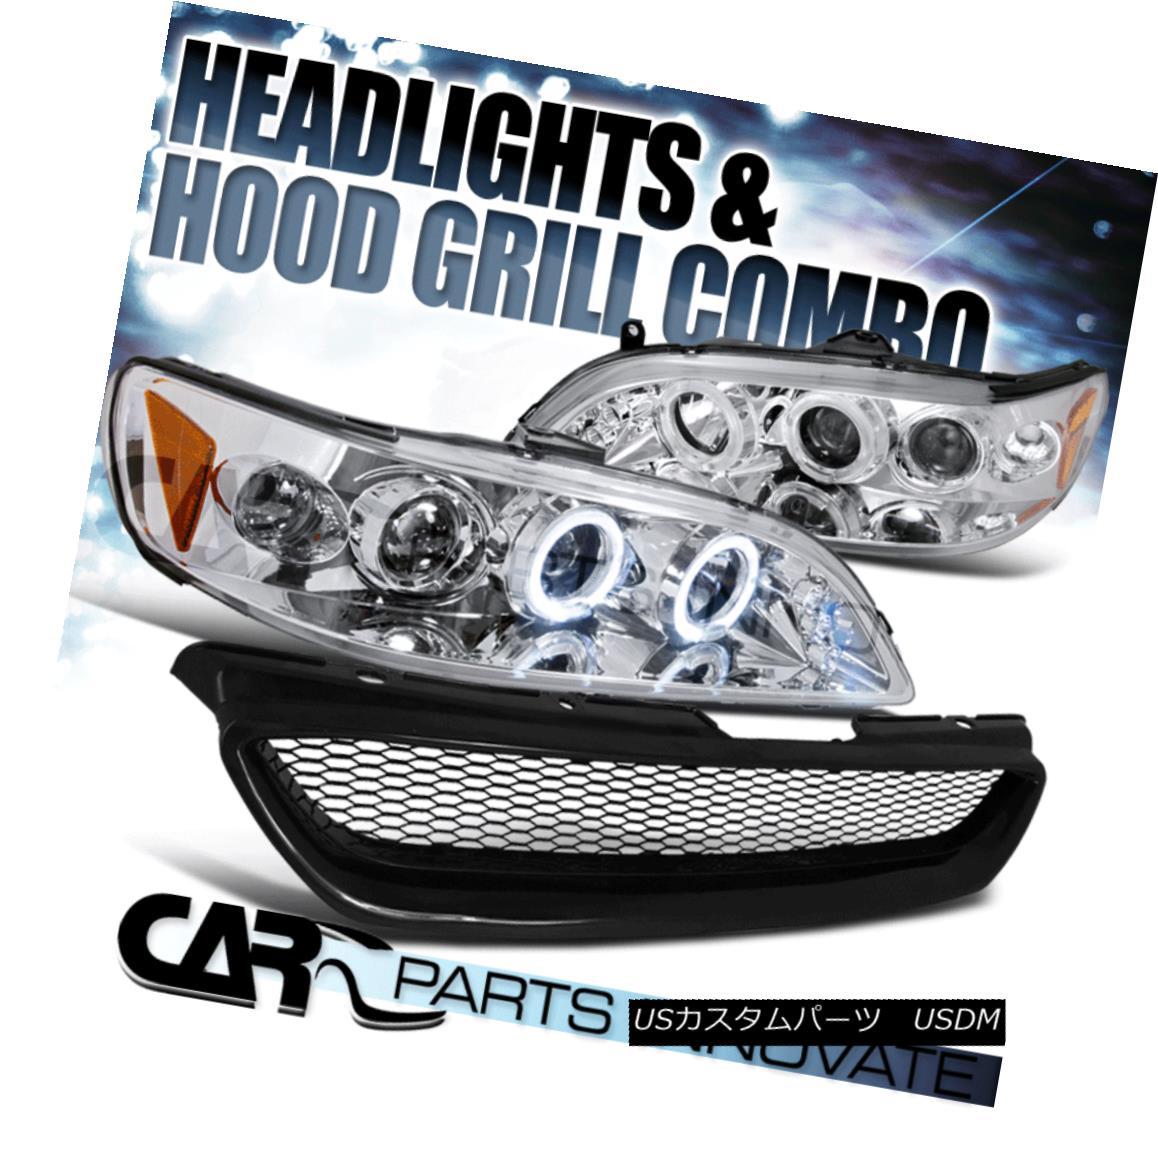 グリル Fit 1998-2002 Accord 2Dr Chrome Halo LED Projector Headlights+Mesh Hood Grille Fit 1998-2002 Accord 2Dr Chrome Halo LEDプロジェクターヘッドライト+メス hフードグリル